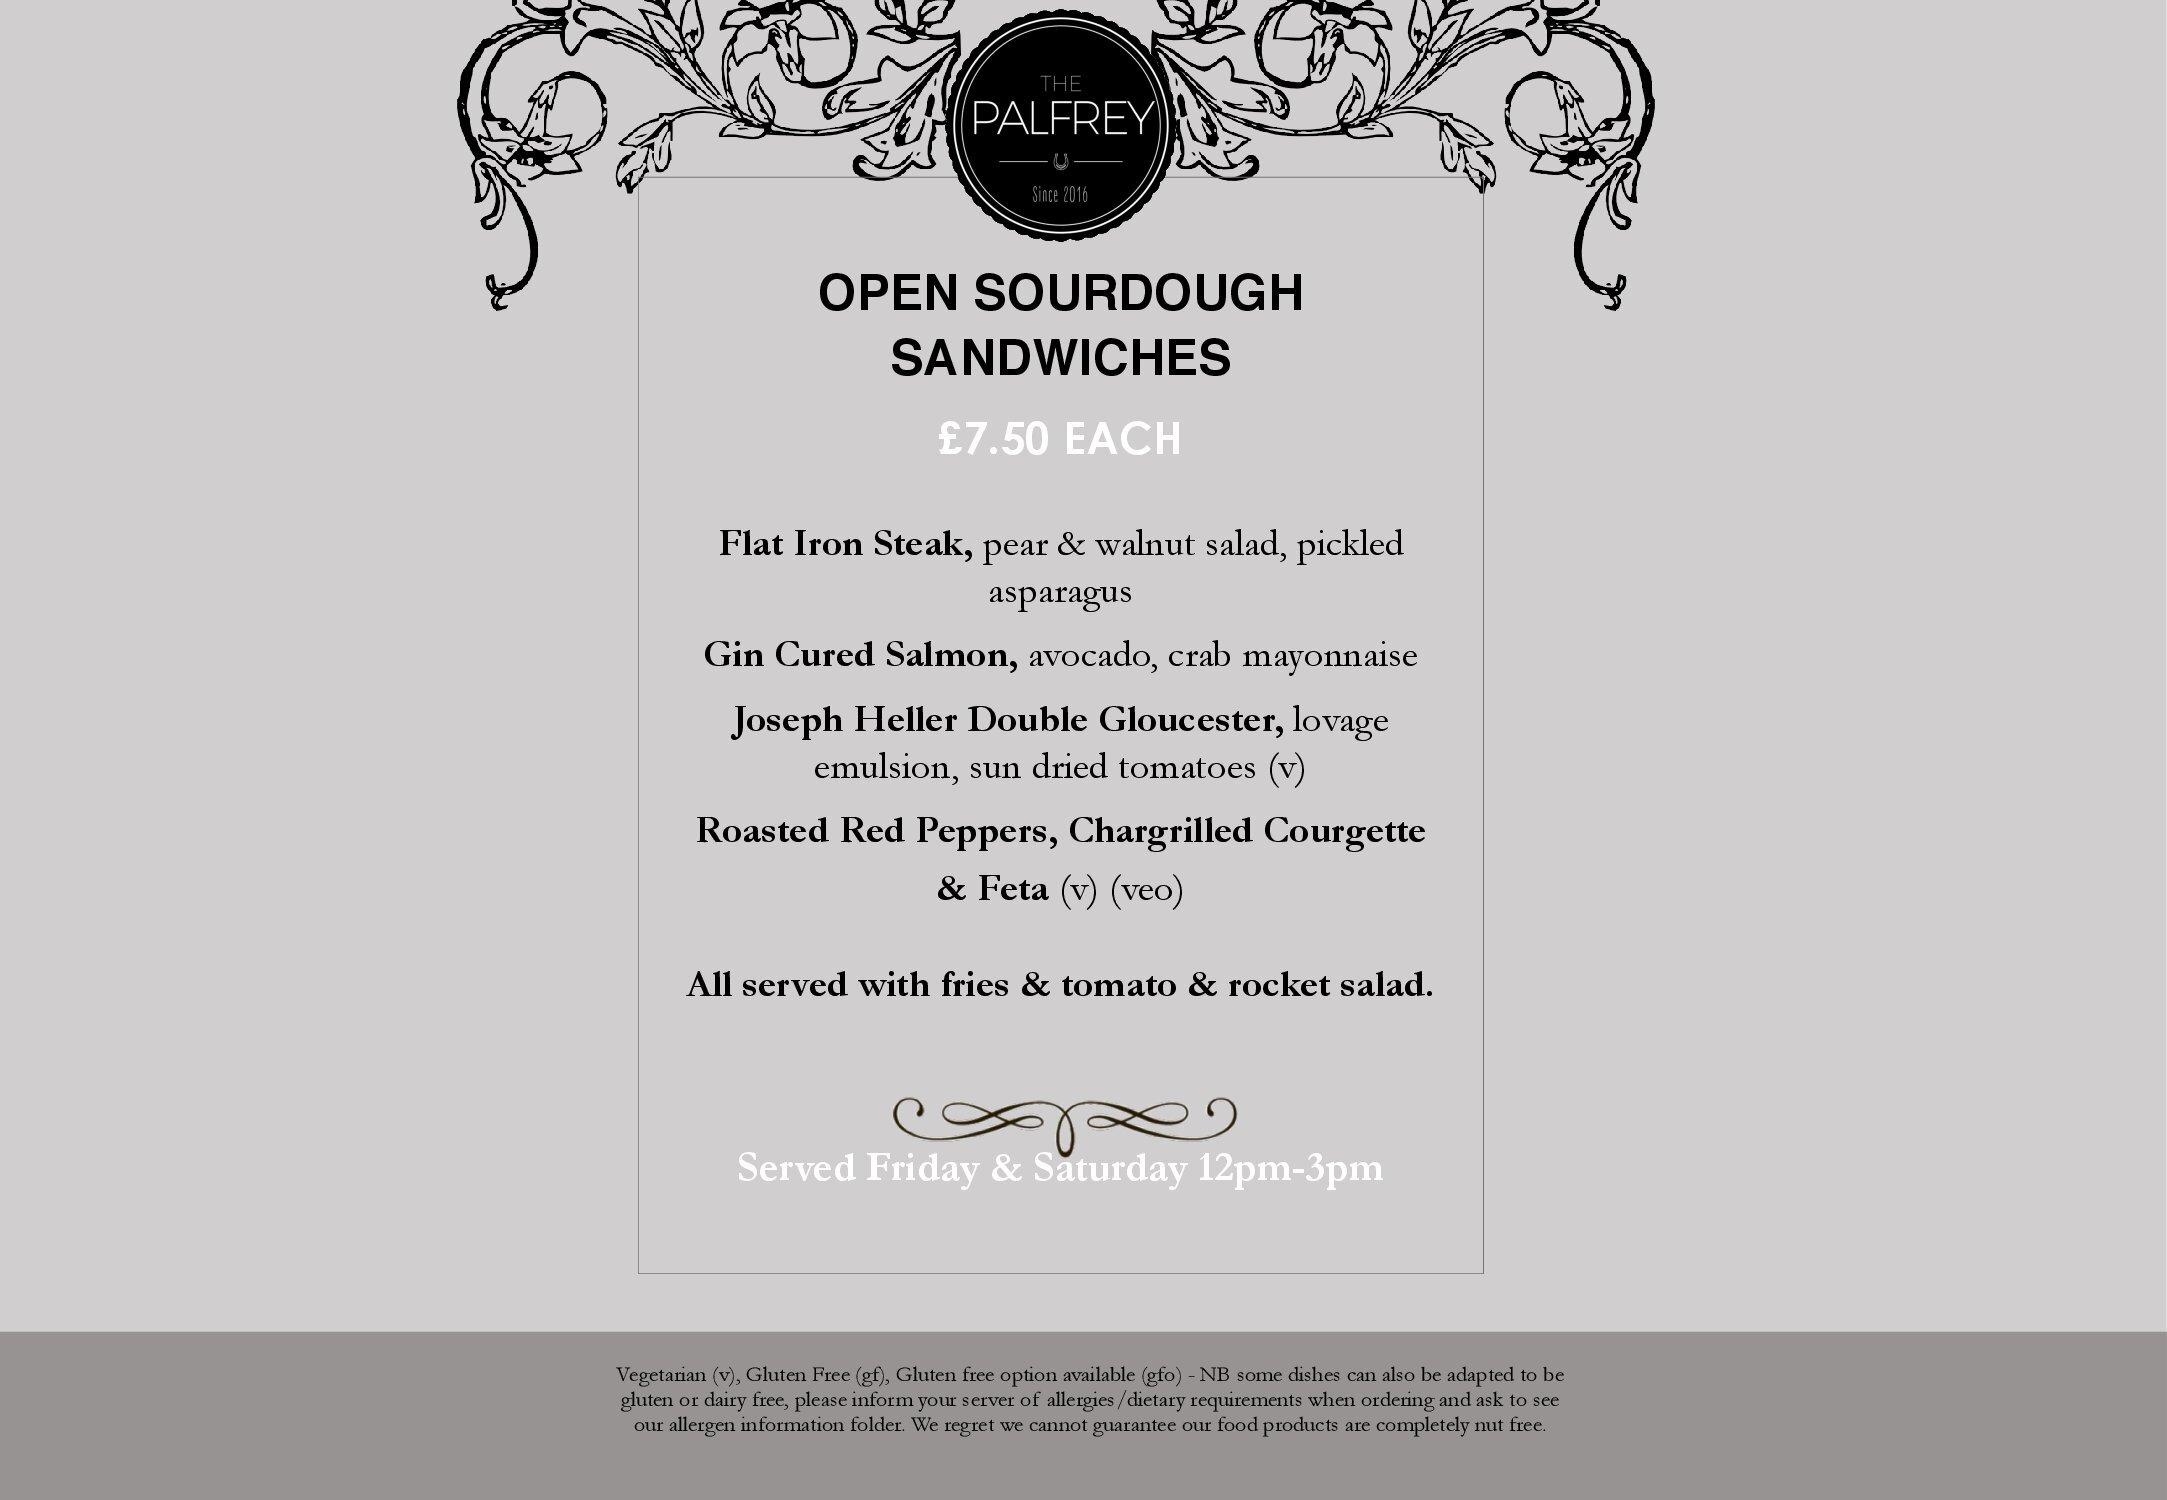 Sourdough Sandwhiches menu